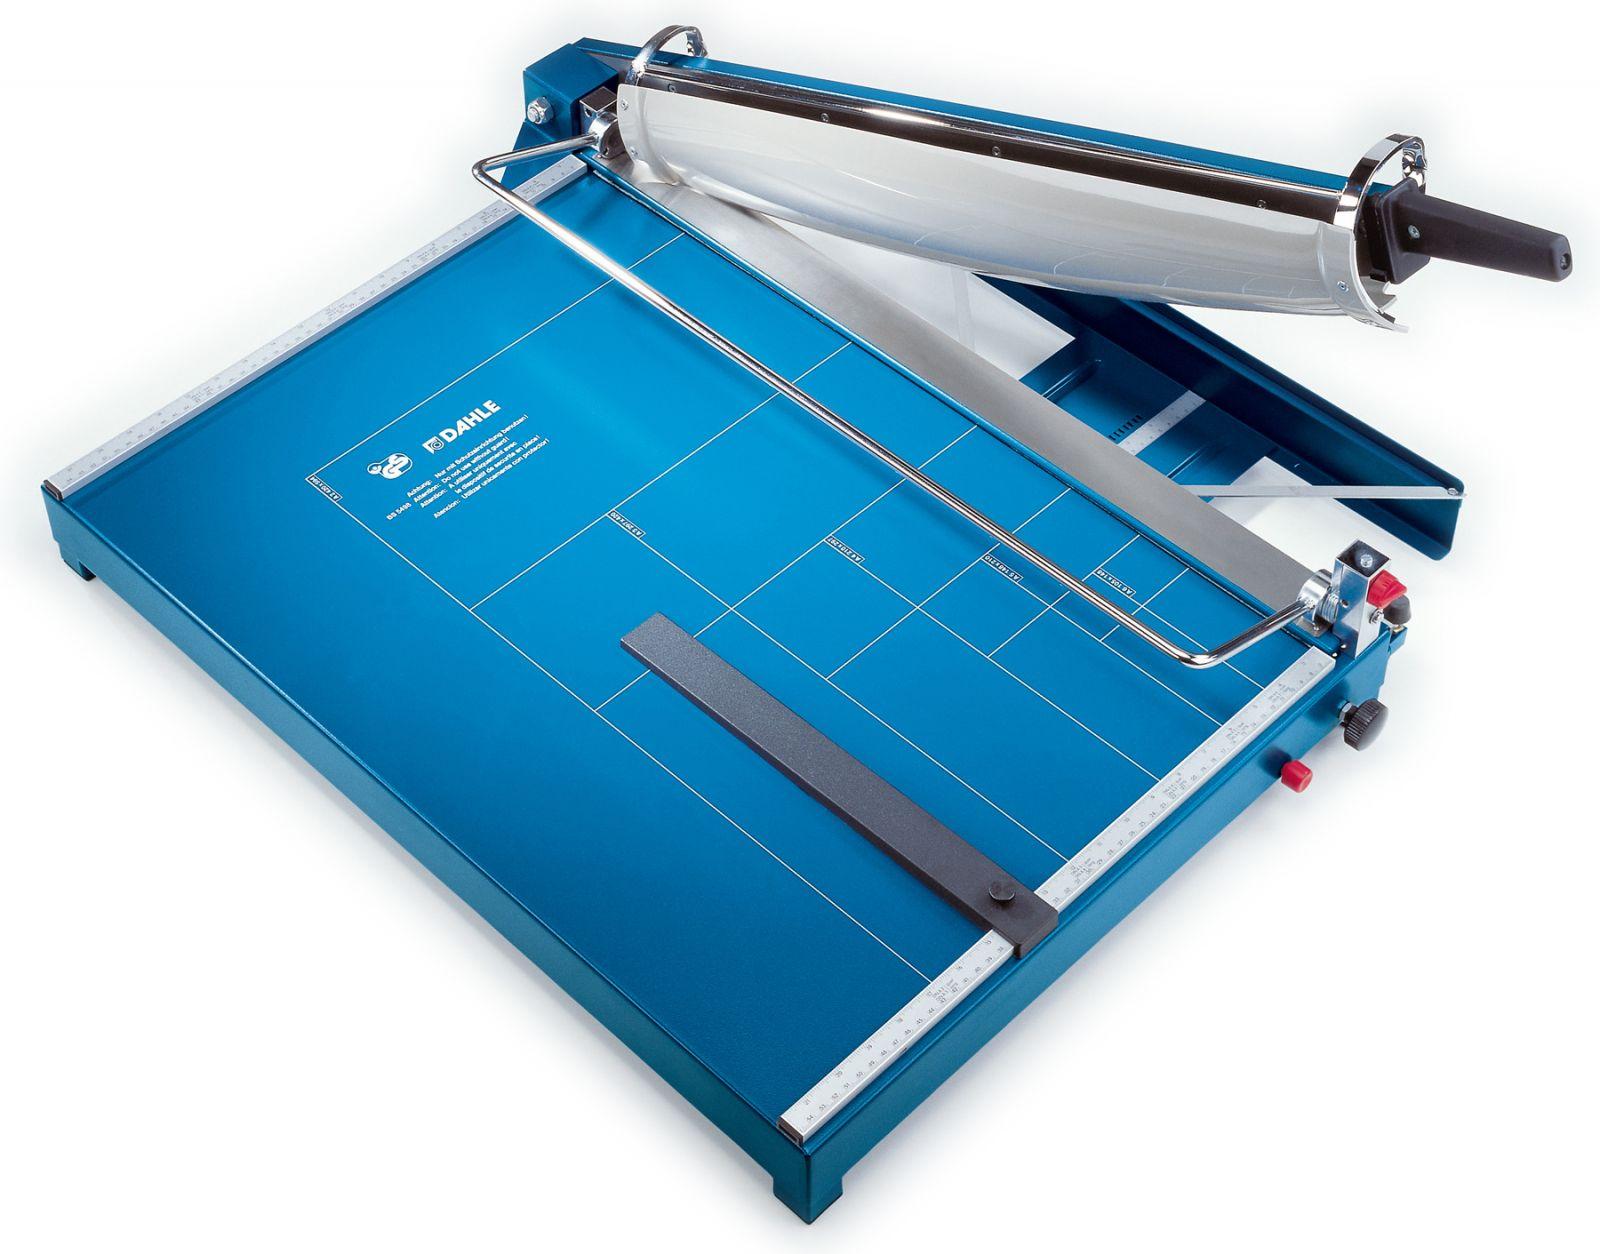 Páková řezačka papíru - DAHLE 567 - délka řezu 550 mm